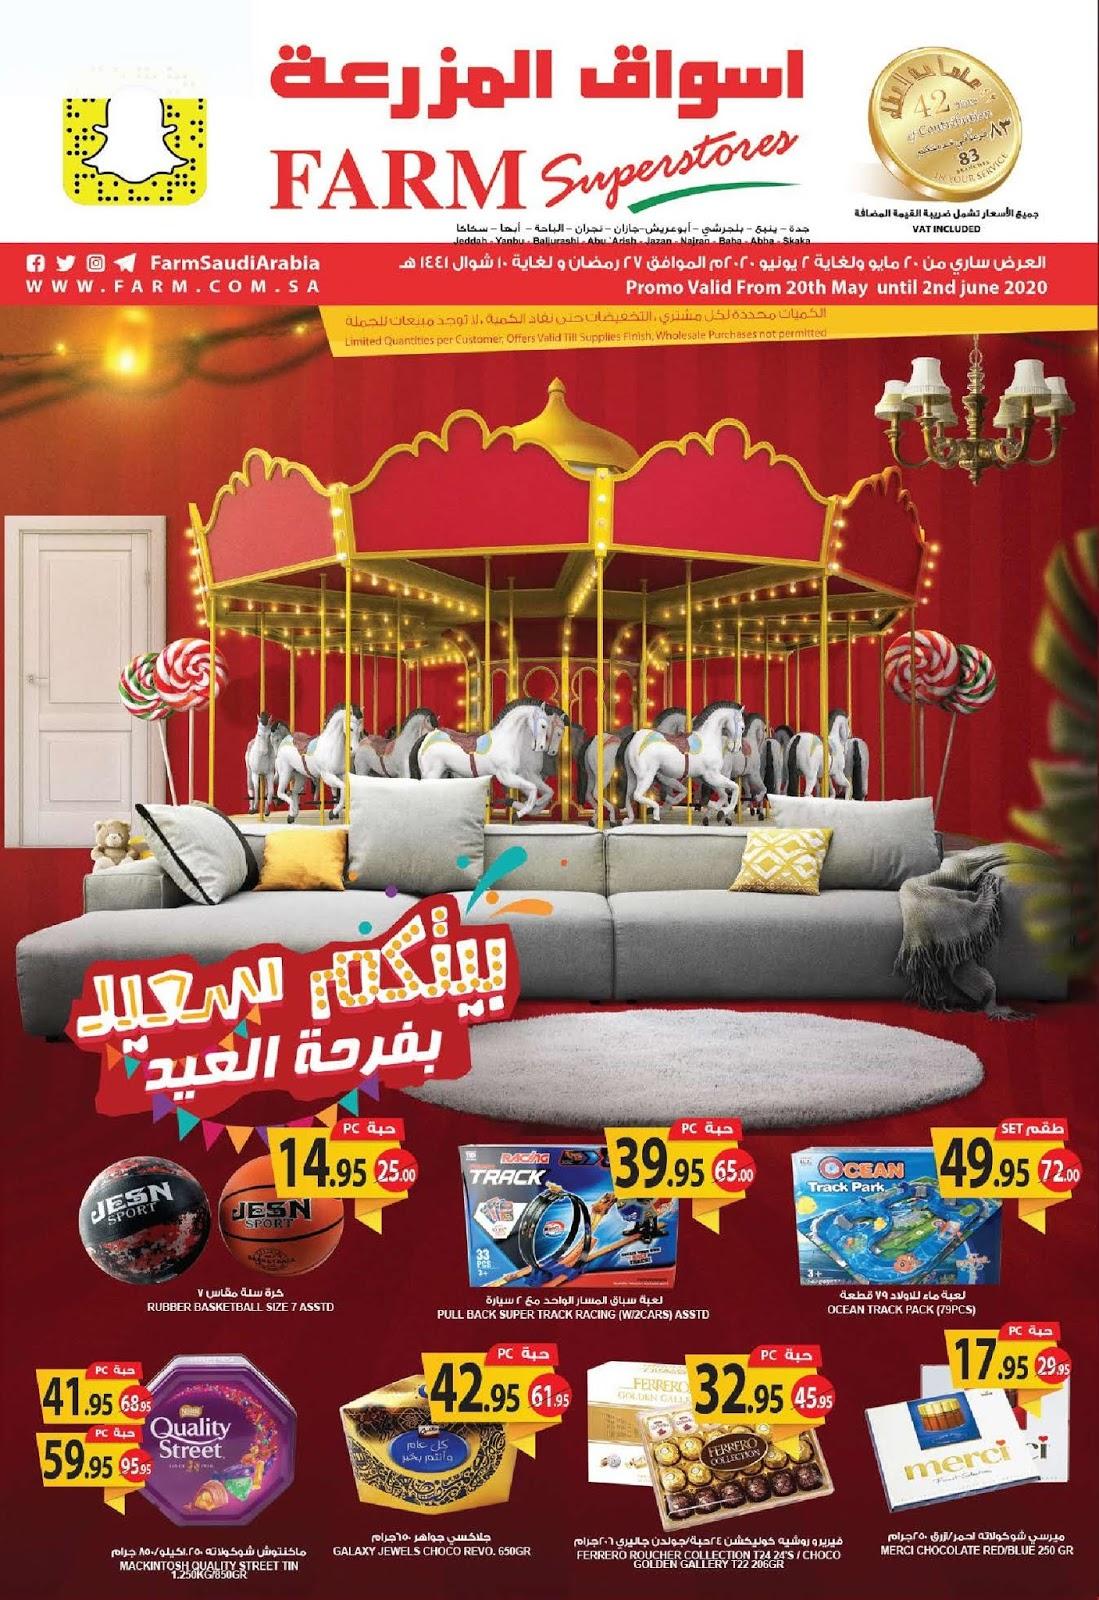 عروض المزرعة جدة و الجنوبية من 20 مايو حتى 2 يونيو 2020 عيد سعيد